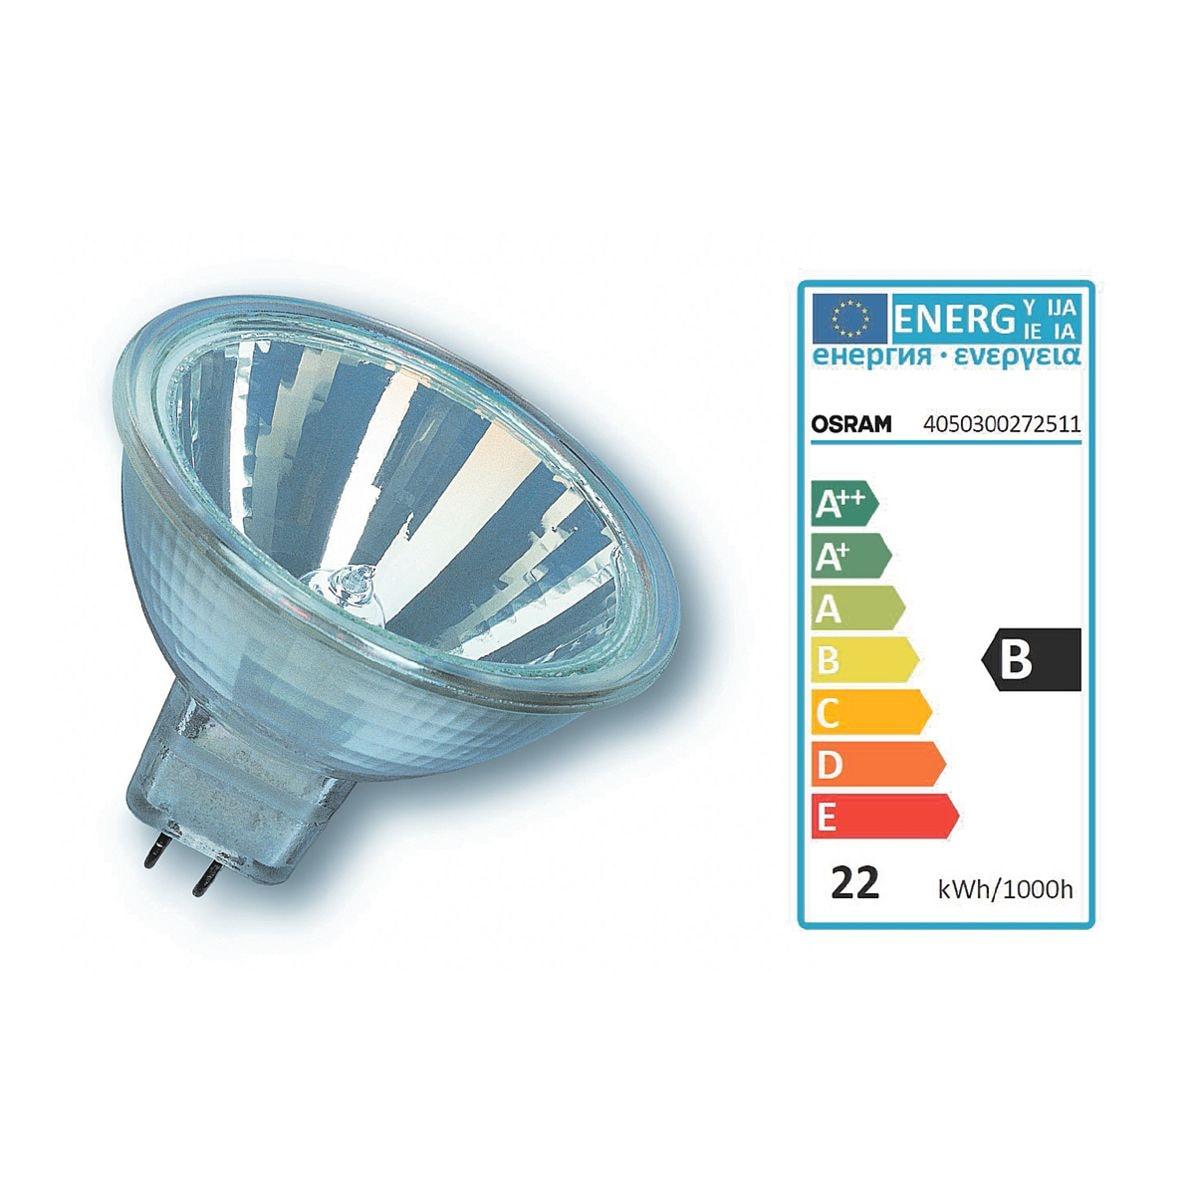 Osram Halogen-Reflektorlampe »Decostar« - 20 Watt